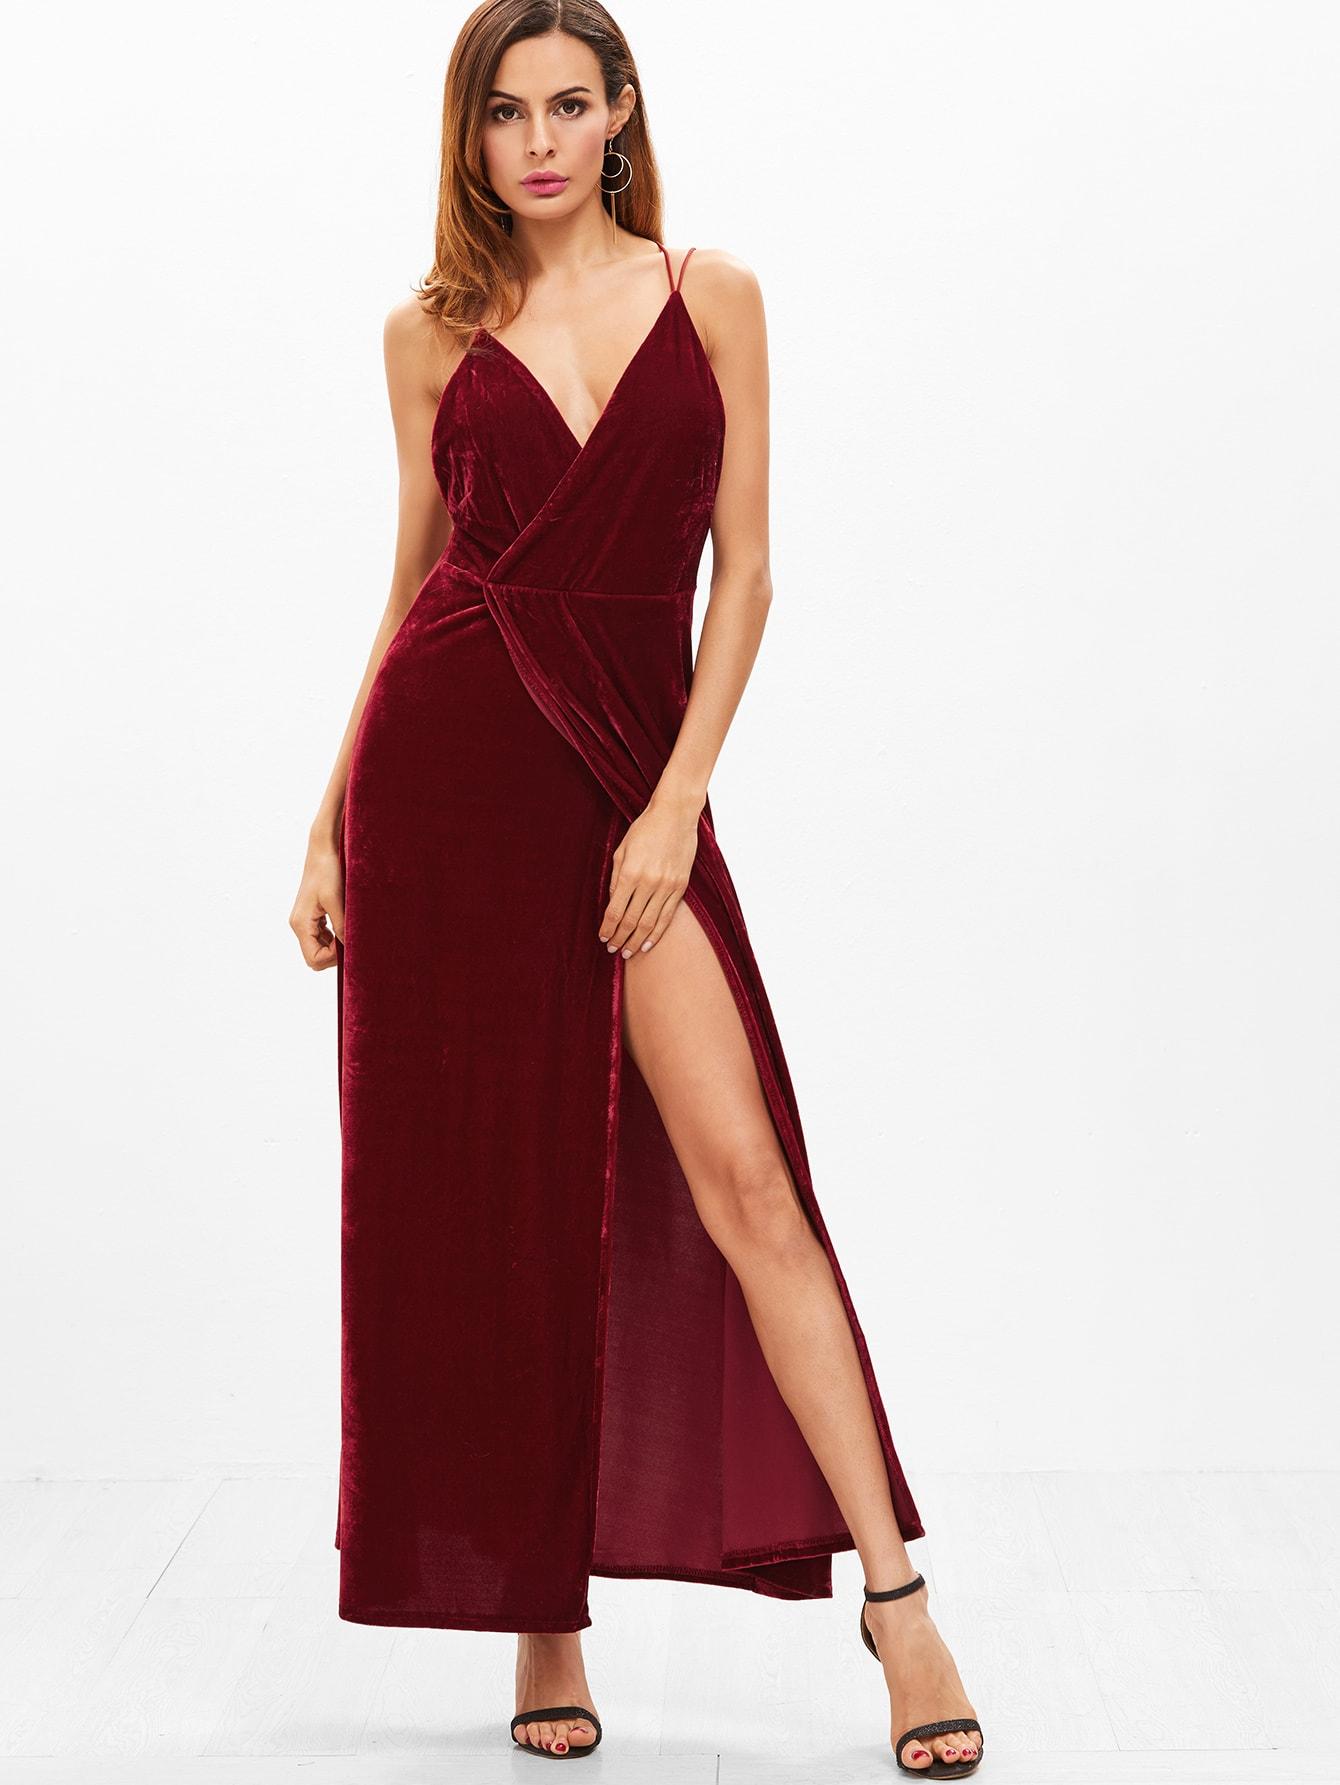 robe bretelles en velours avec col v profond et dos nu. Black Bedroom Furniture Sets. Home Design Ideas